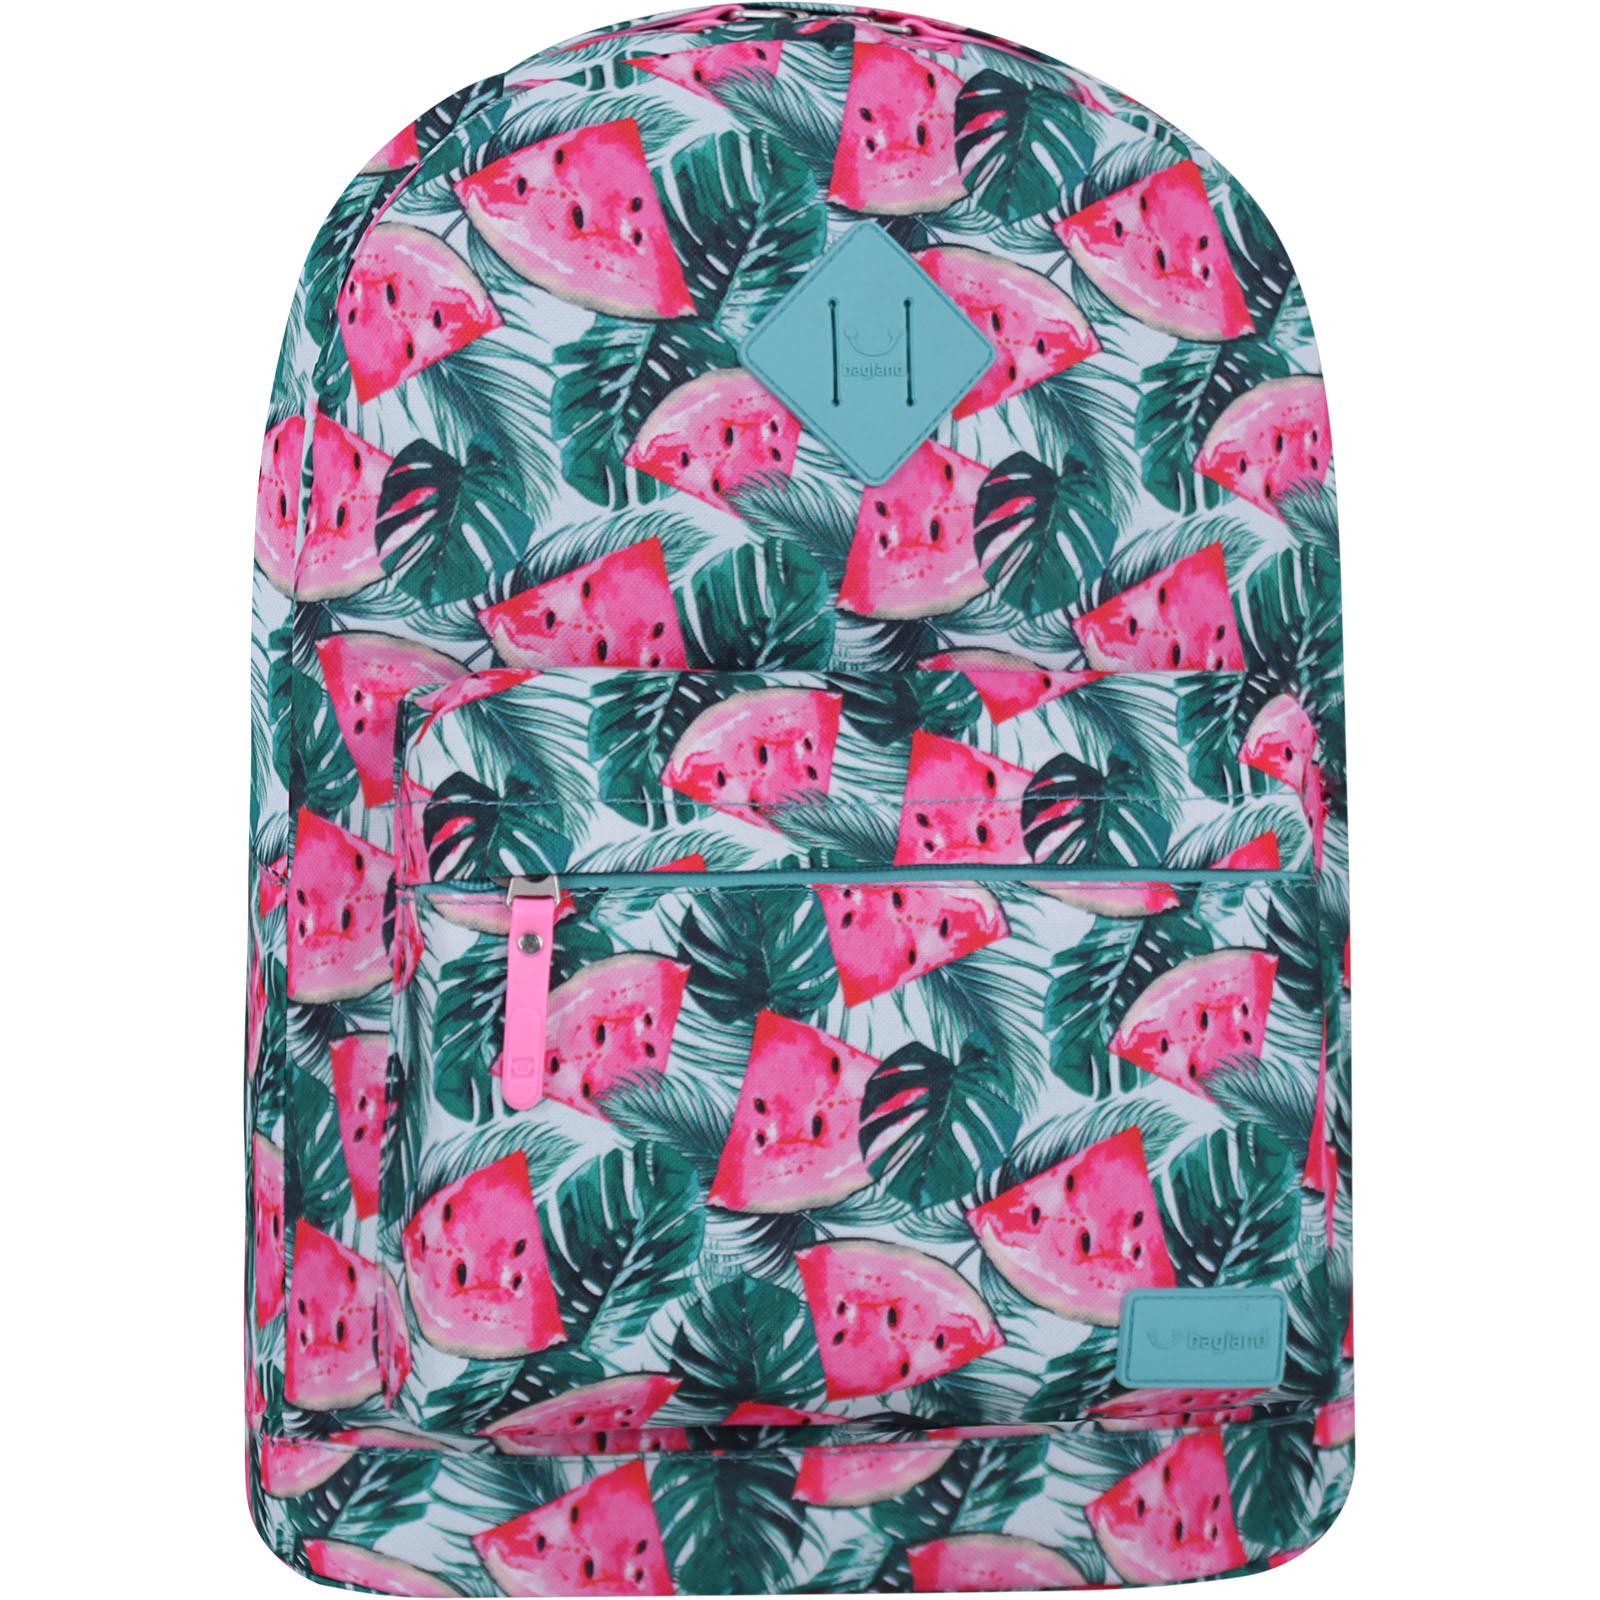 Молодежные рюкзаки Рюкзак Bagland Молодежный (дизайн) 17 л. сублимация 266 (00533664) IMG_9356_суб.266_.jpg